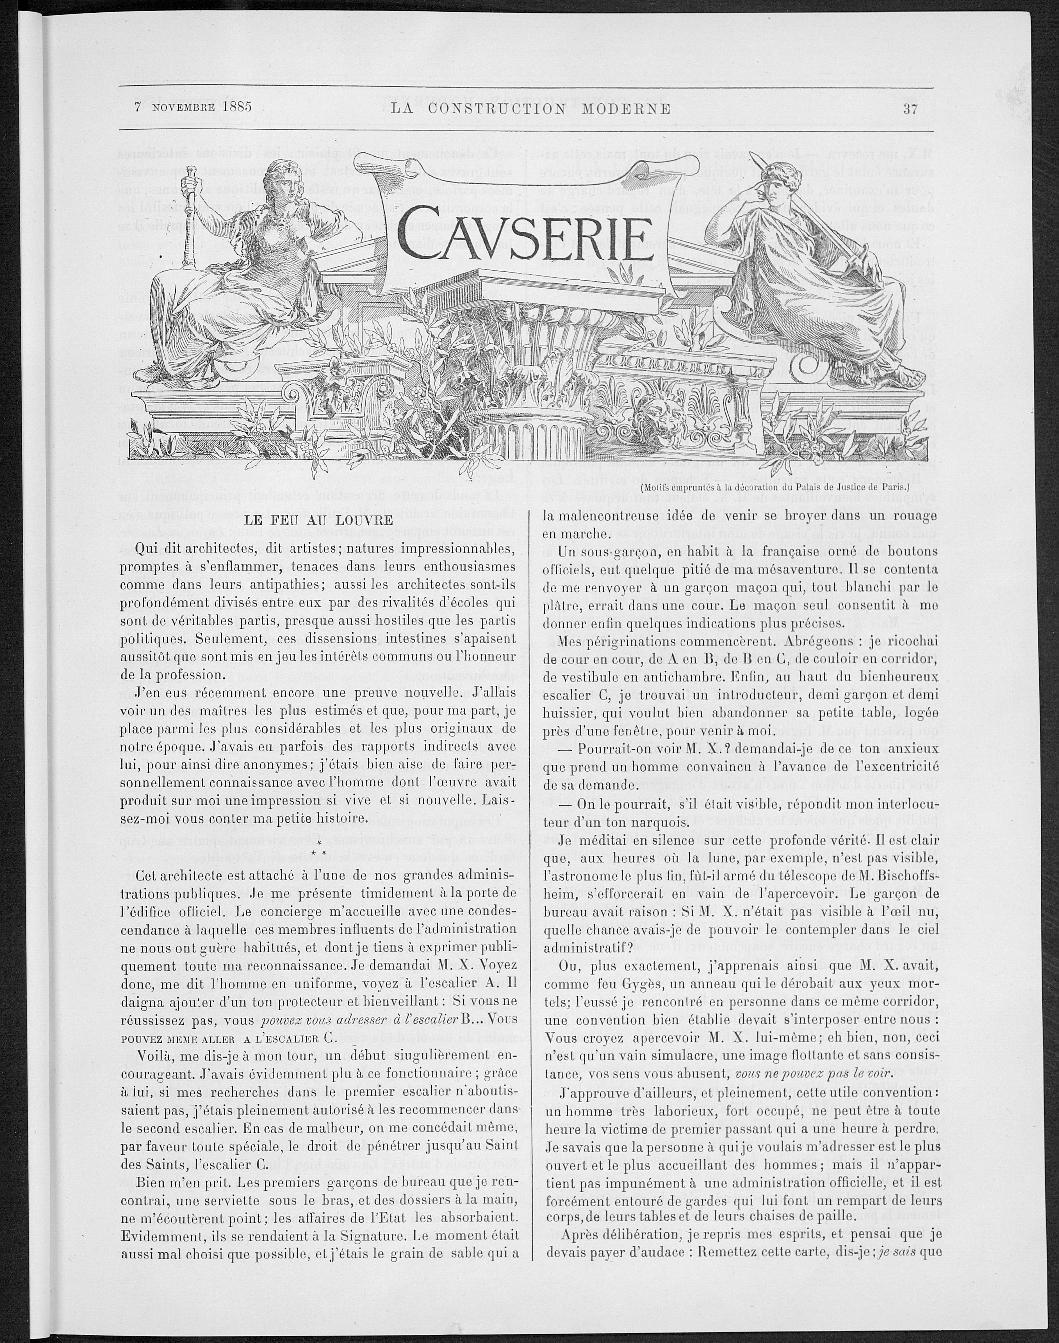 La Construction moderne, no. 4, 1885 |